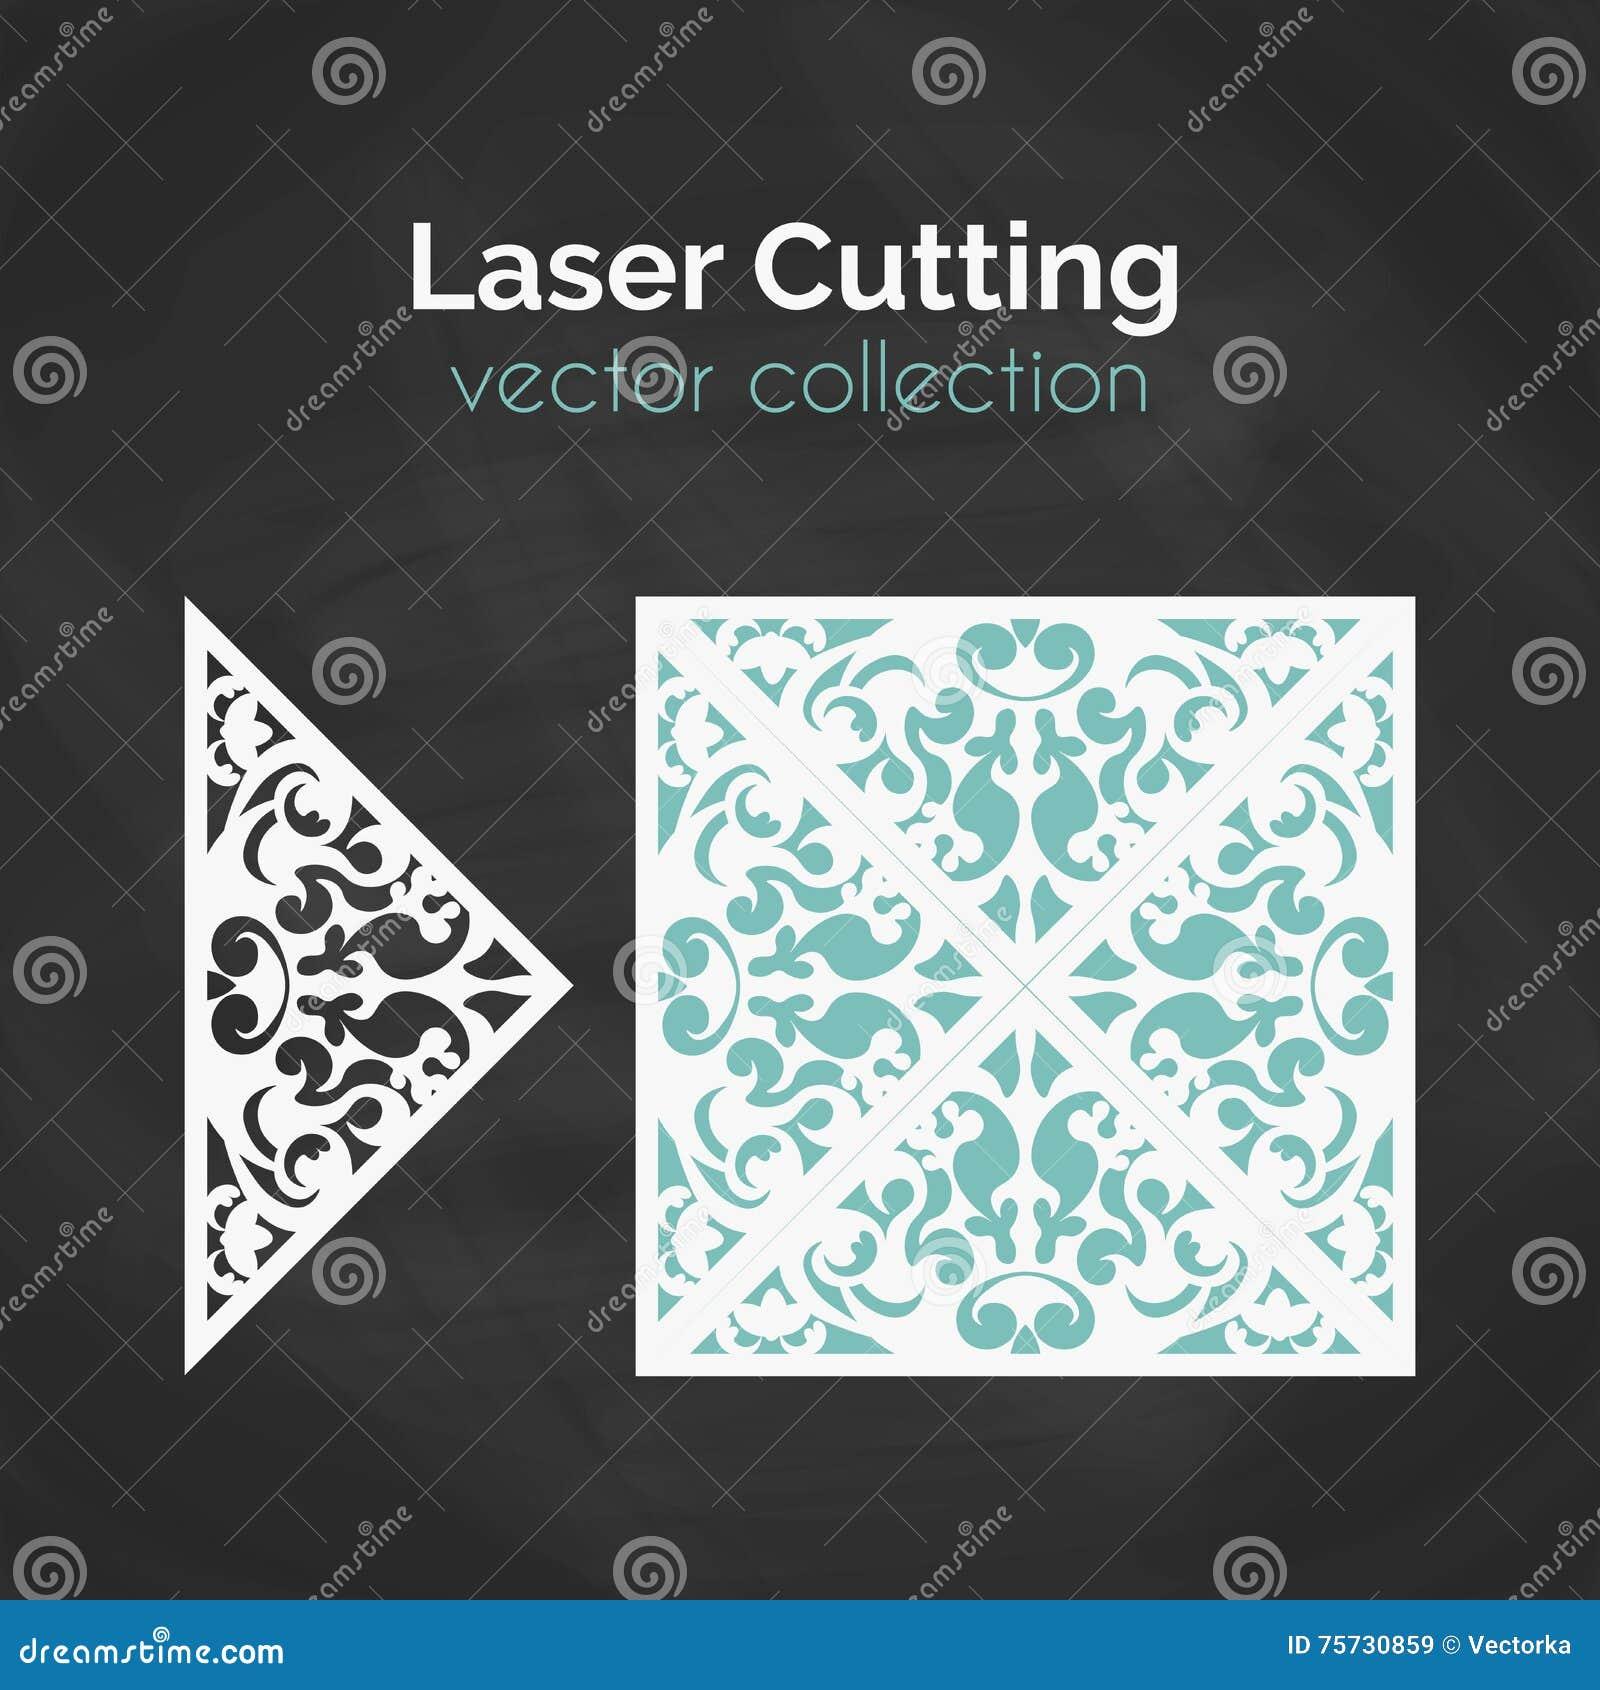 Tarjeta del corte del laser Plantilla para el corte del laser Ejemplo del recorte con la decoración abstracta Cortado con tintas